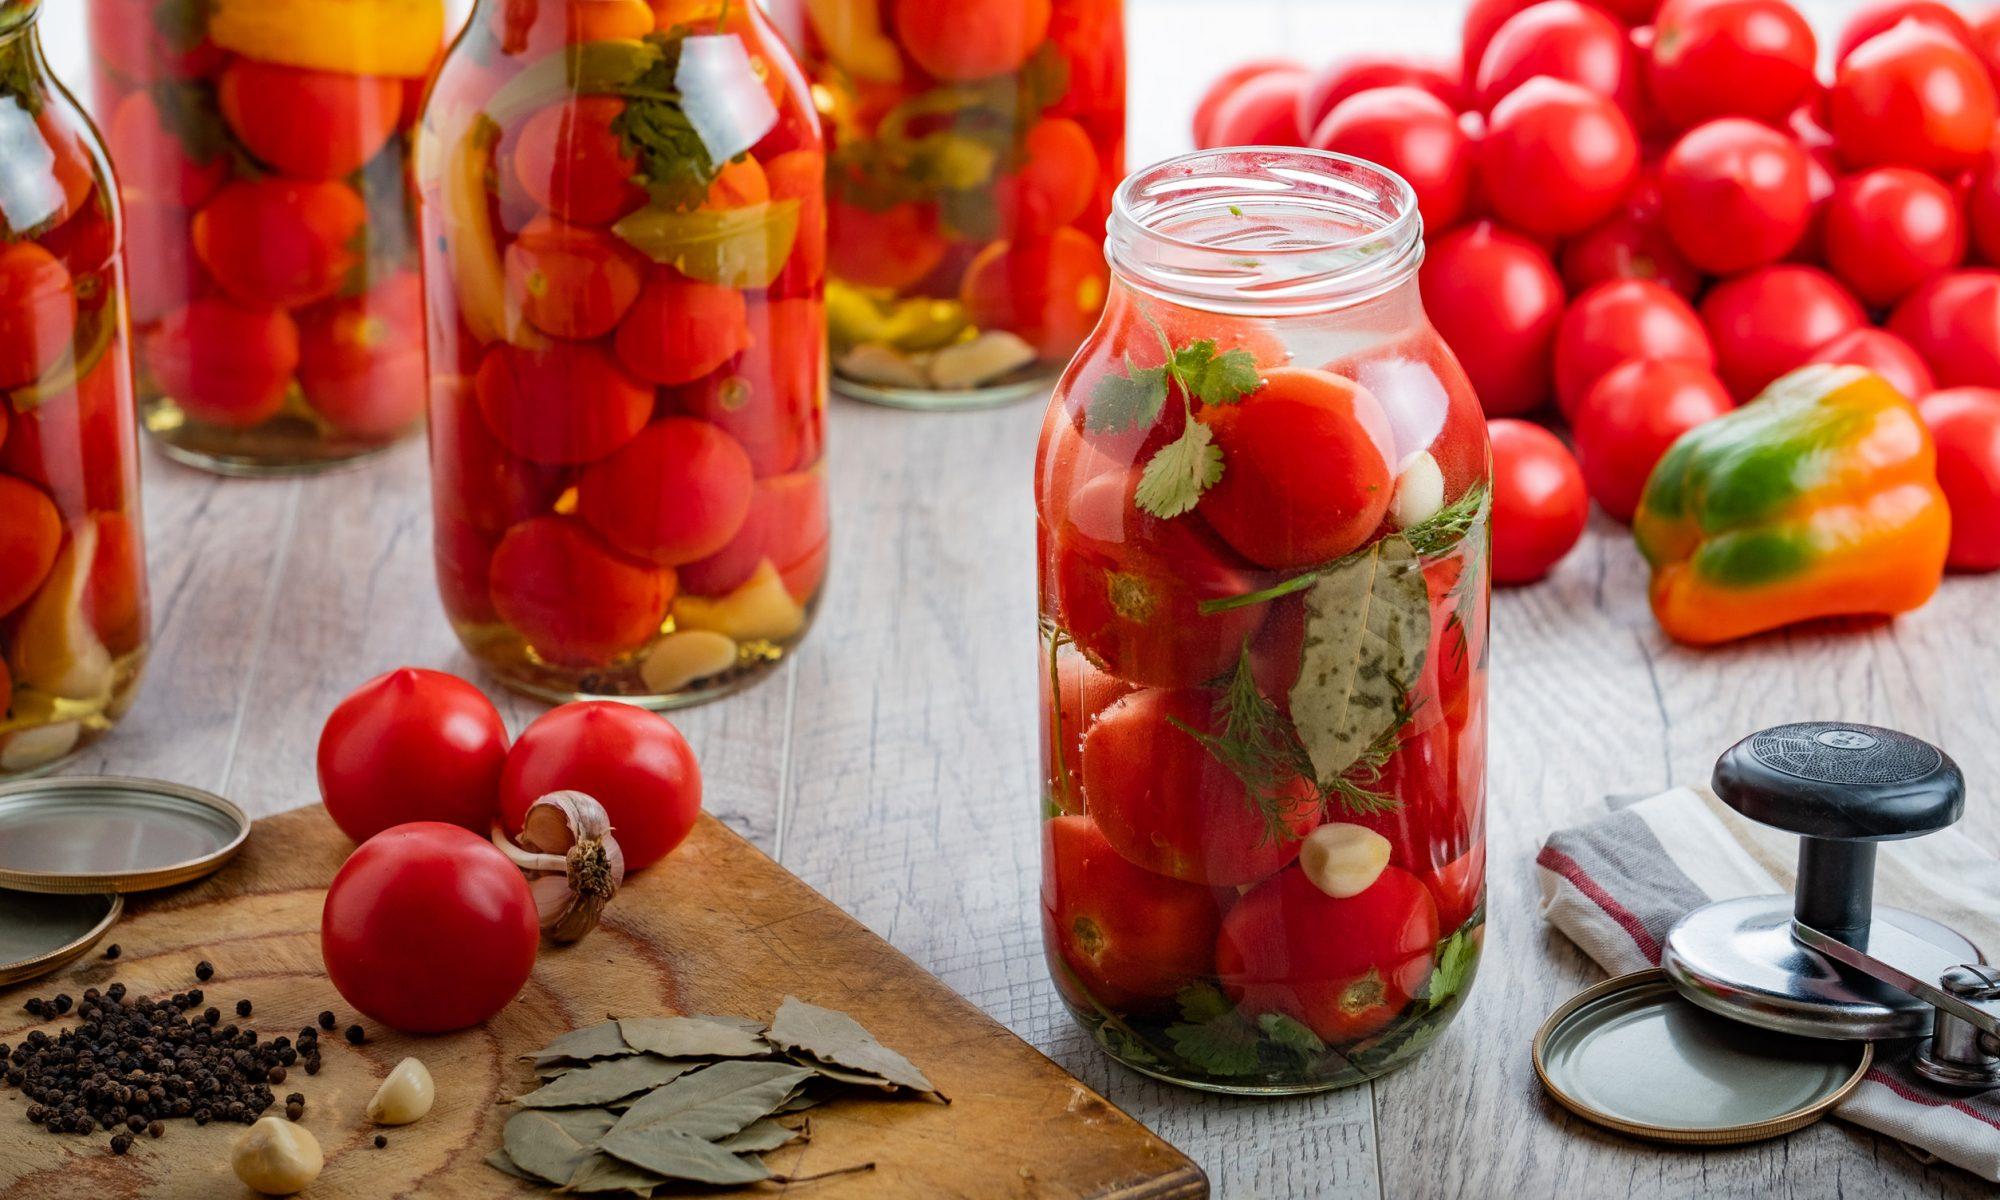 Аппетитные помидоры без стерилизации